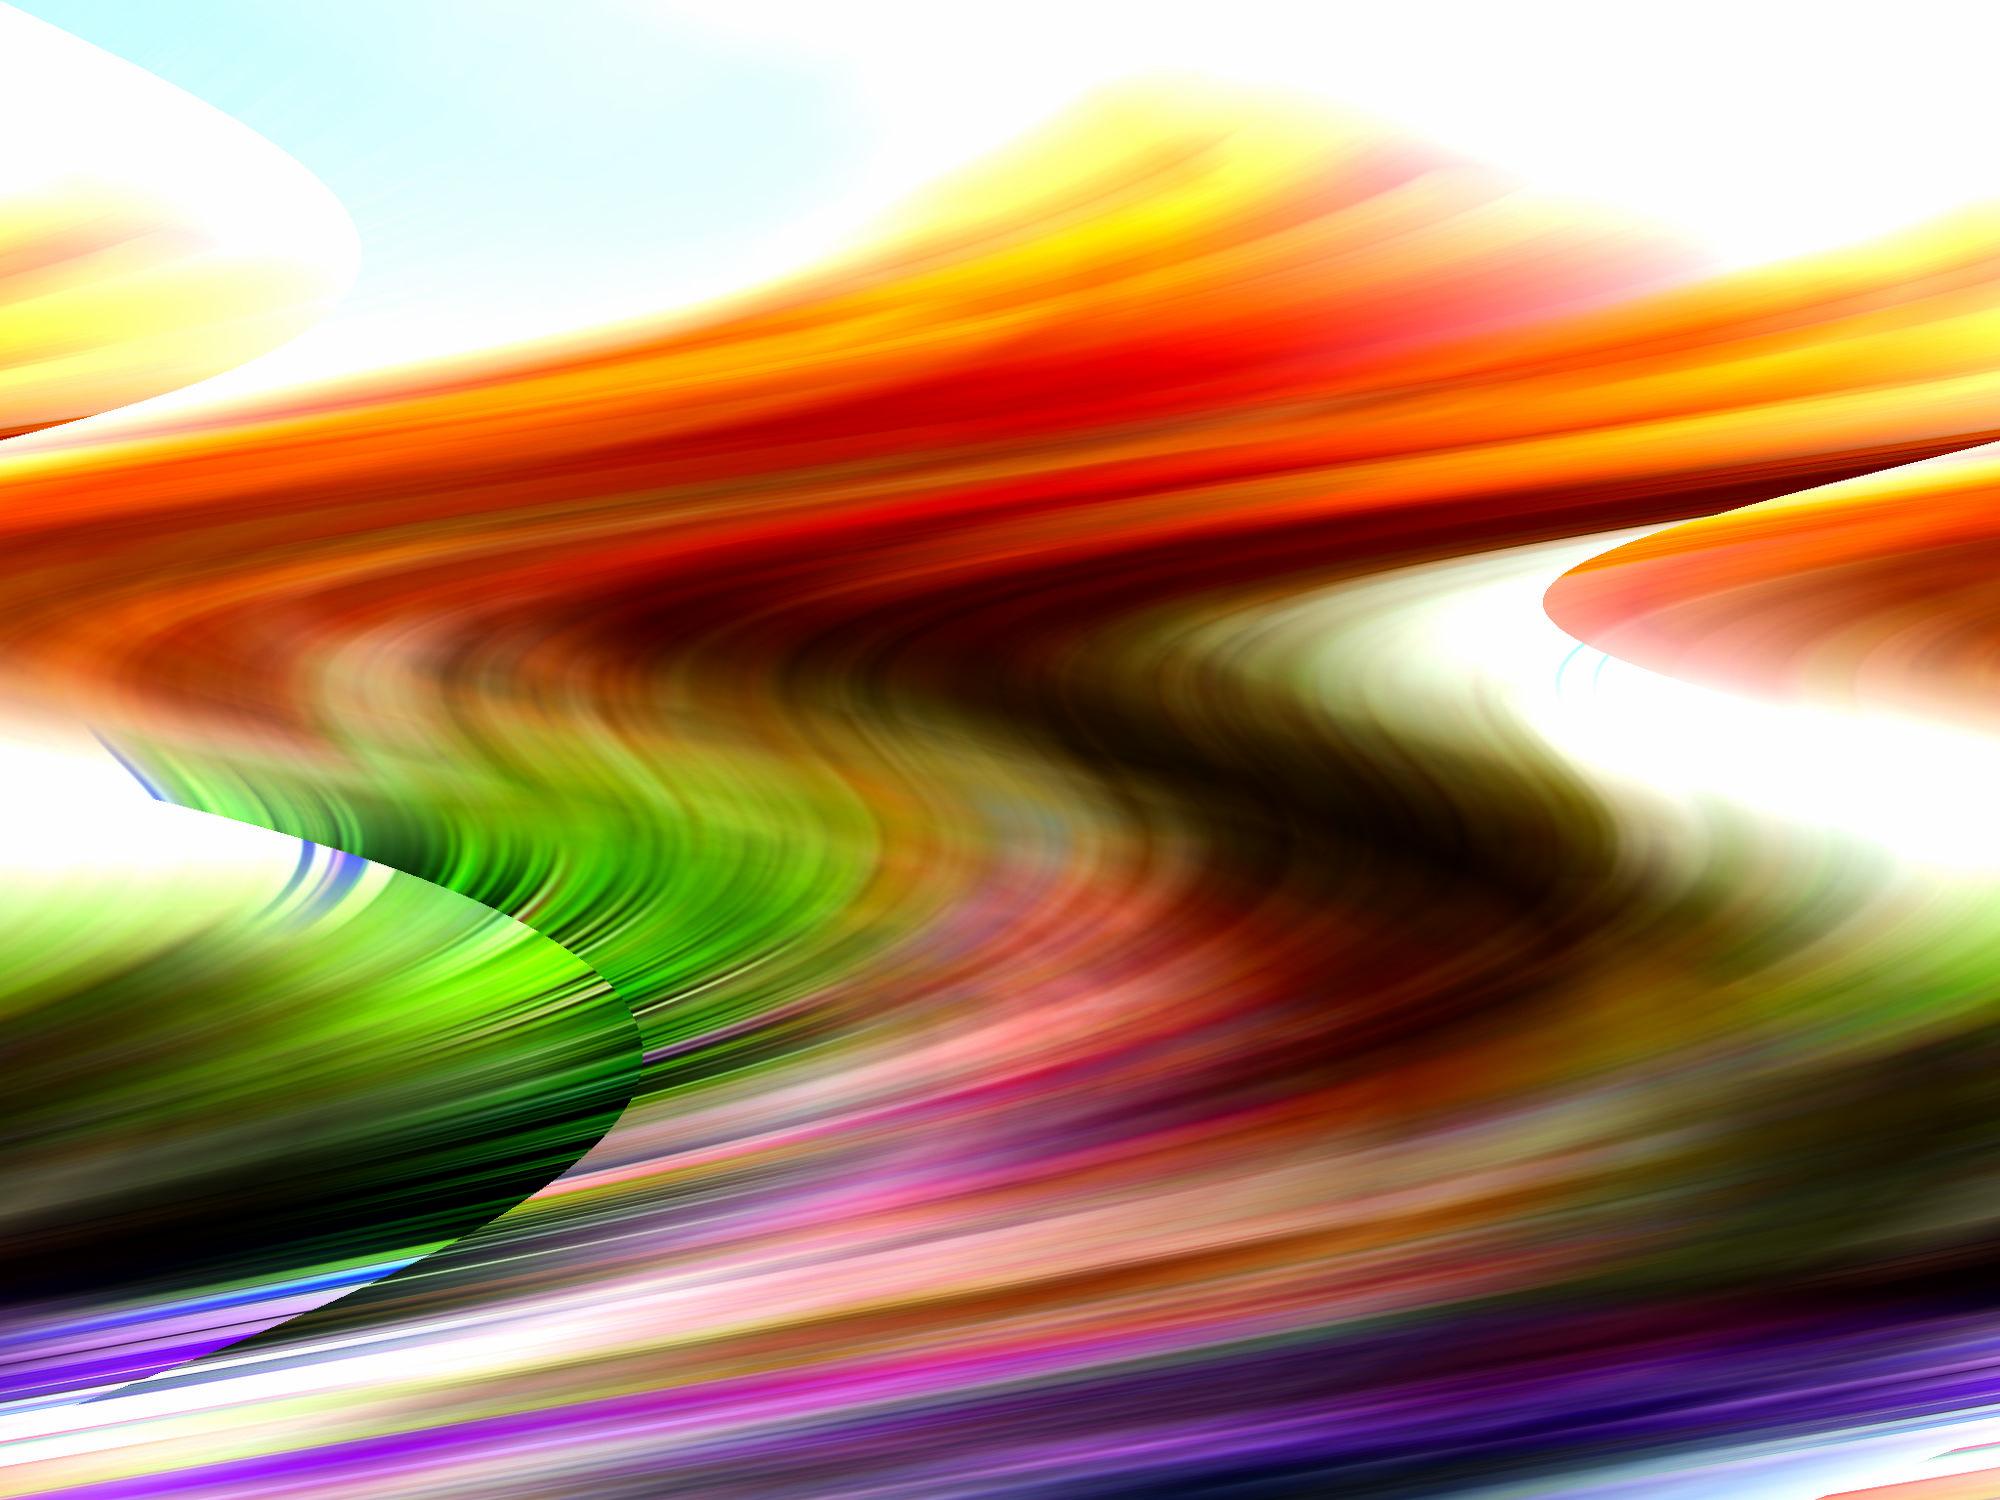 Bild mit Farben, Orange, Gelb, Natur, Elemente, Wasser, Grün, Landschaften, Himmel, Gewässer, Brandung, Wellen, Blau